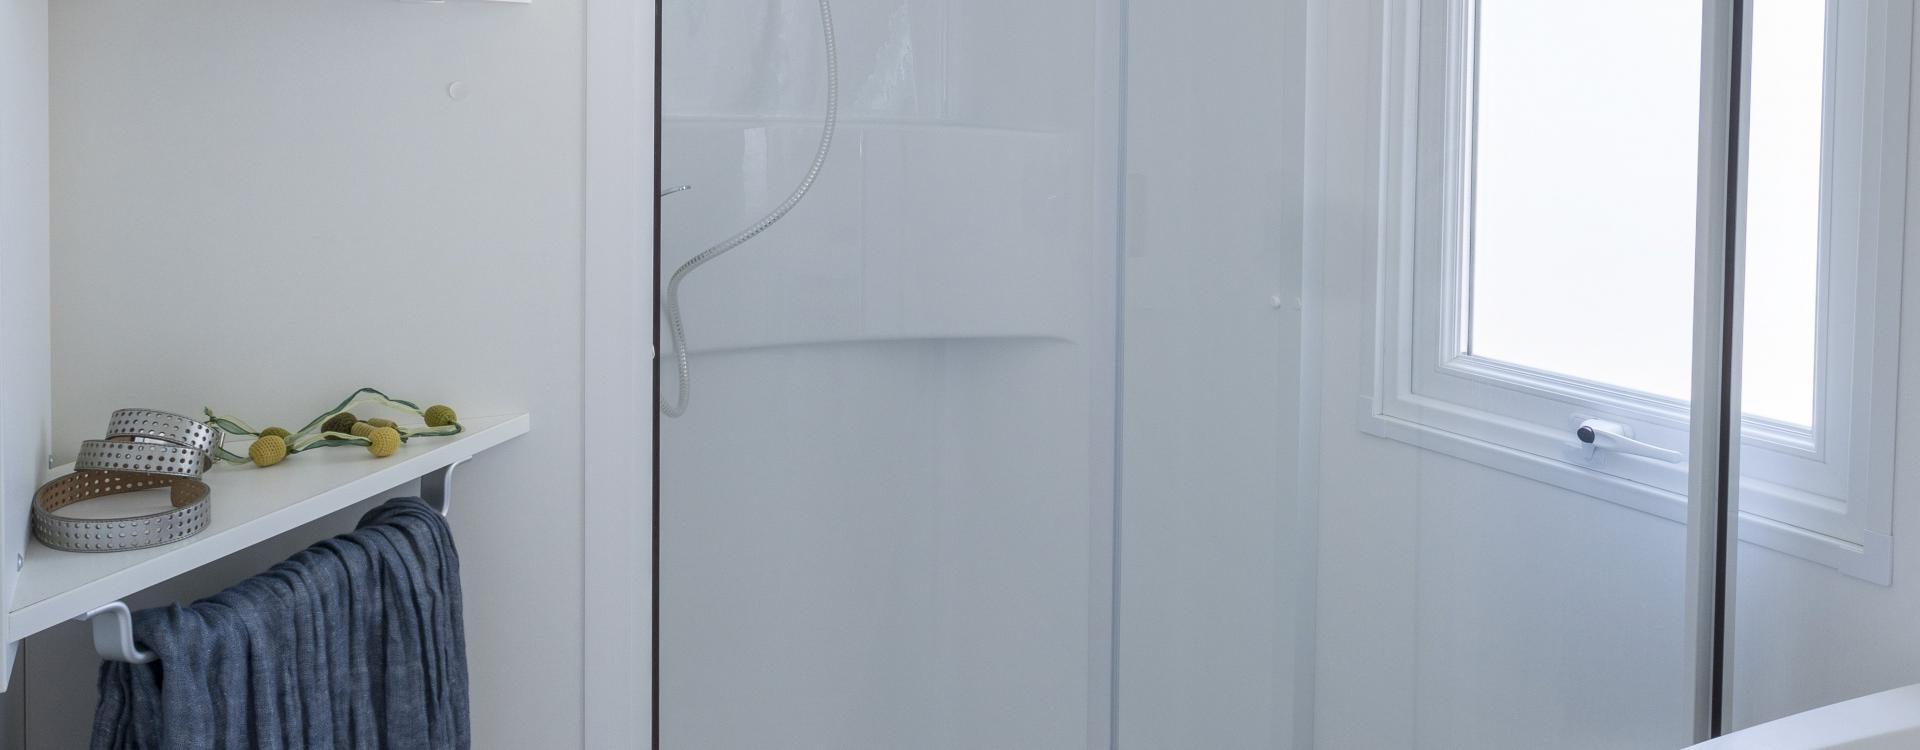 optimitzades/mobil-homes/emporda/bano-ducha-mobil-home-emporda-valldaro.jpg